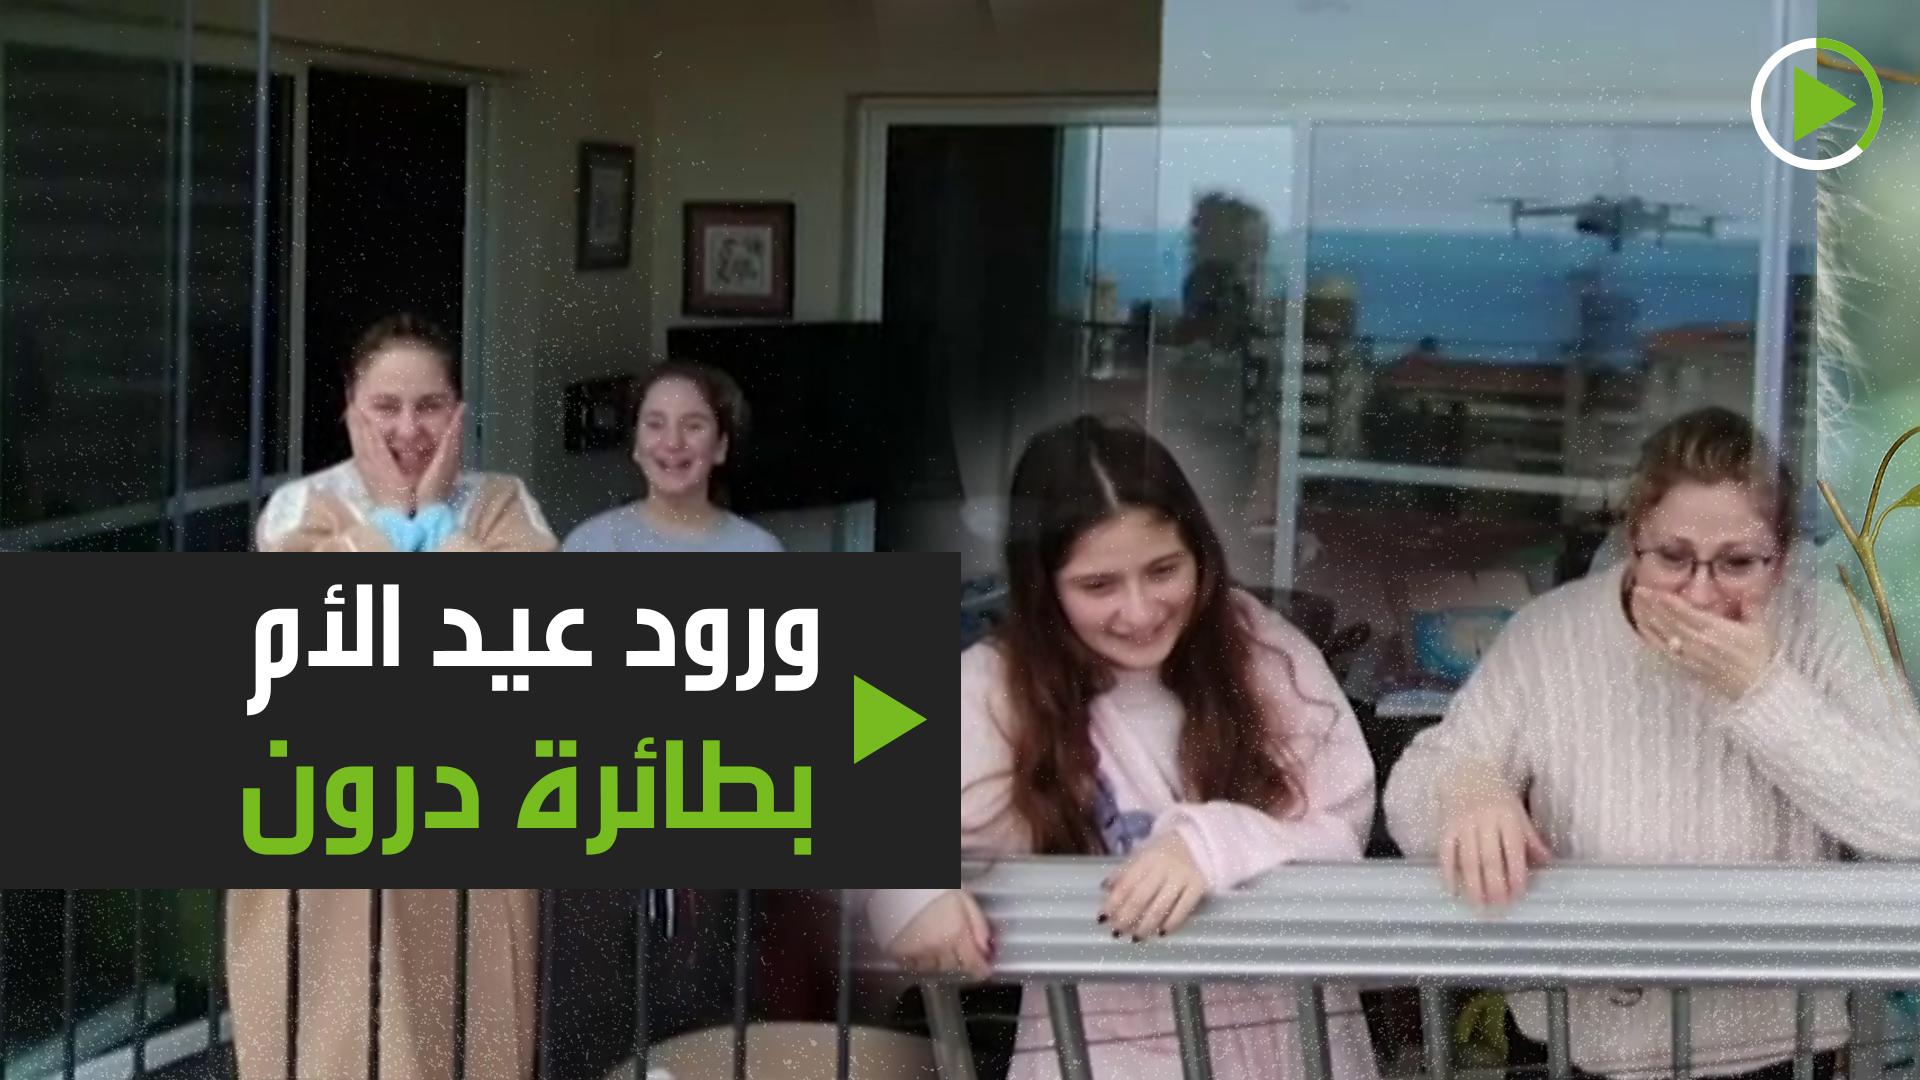 فكرة عجيبة في لبنان للاحتفال بعيد الأم في ظل كورونا!